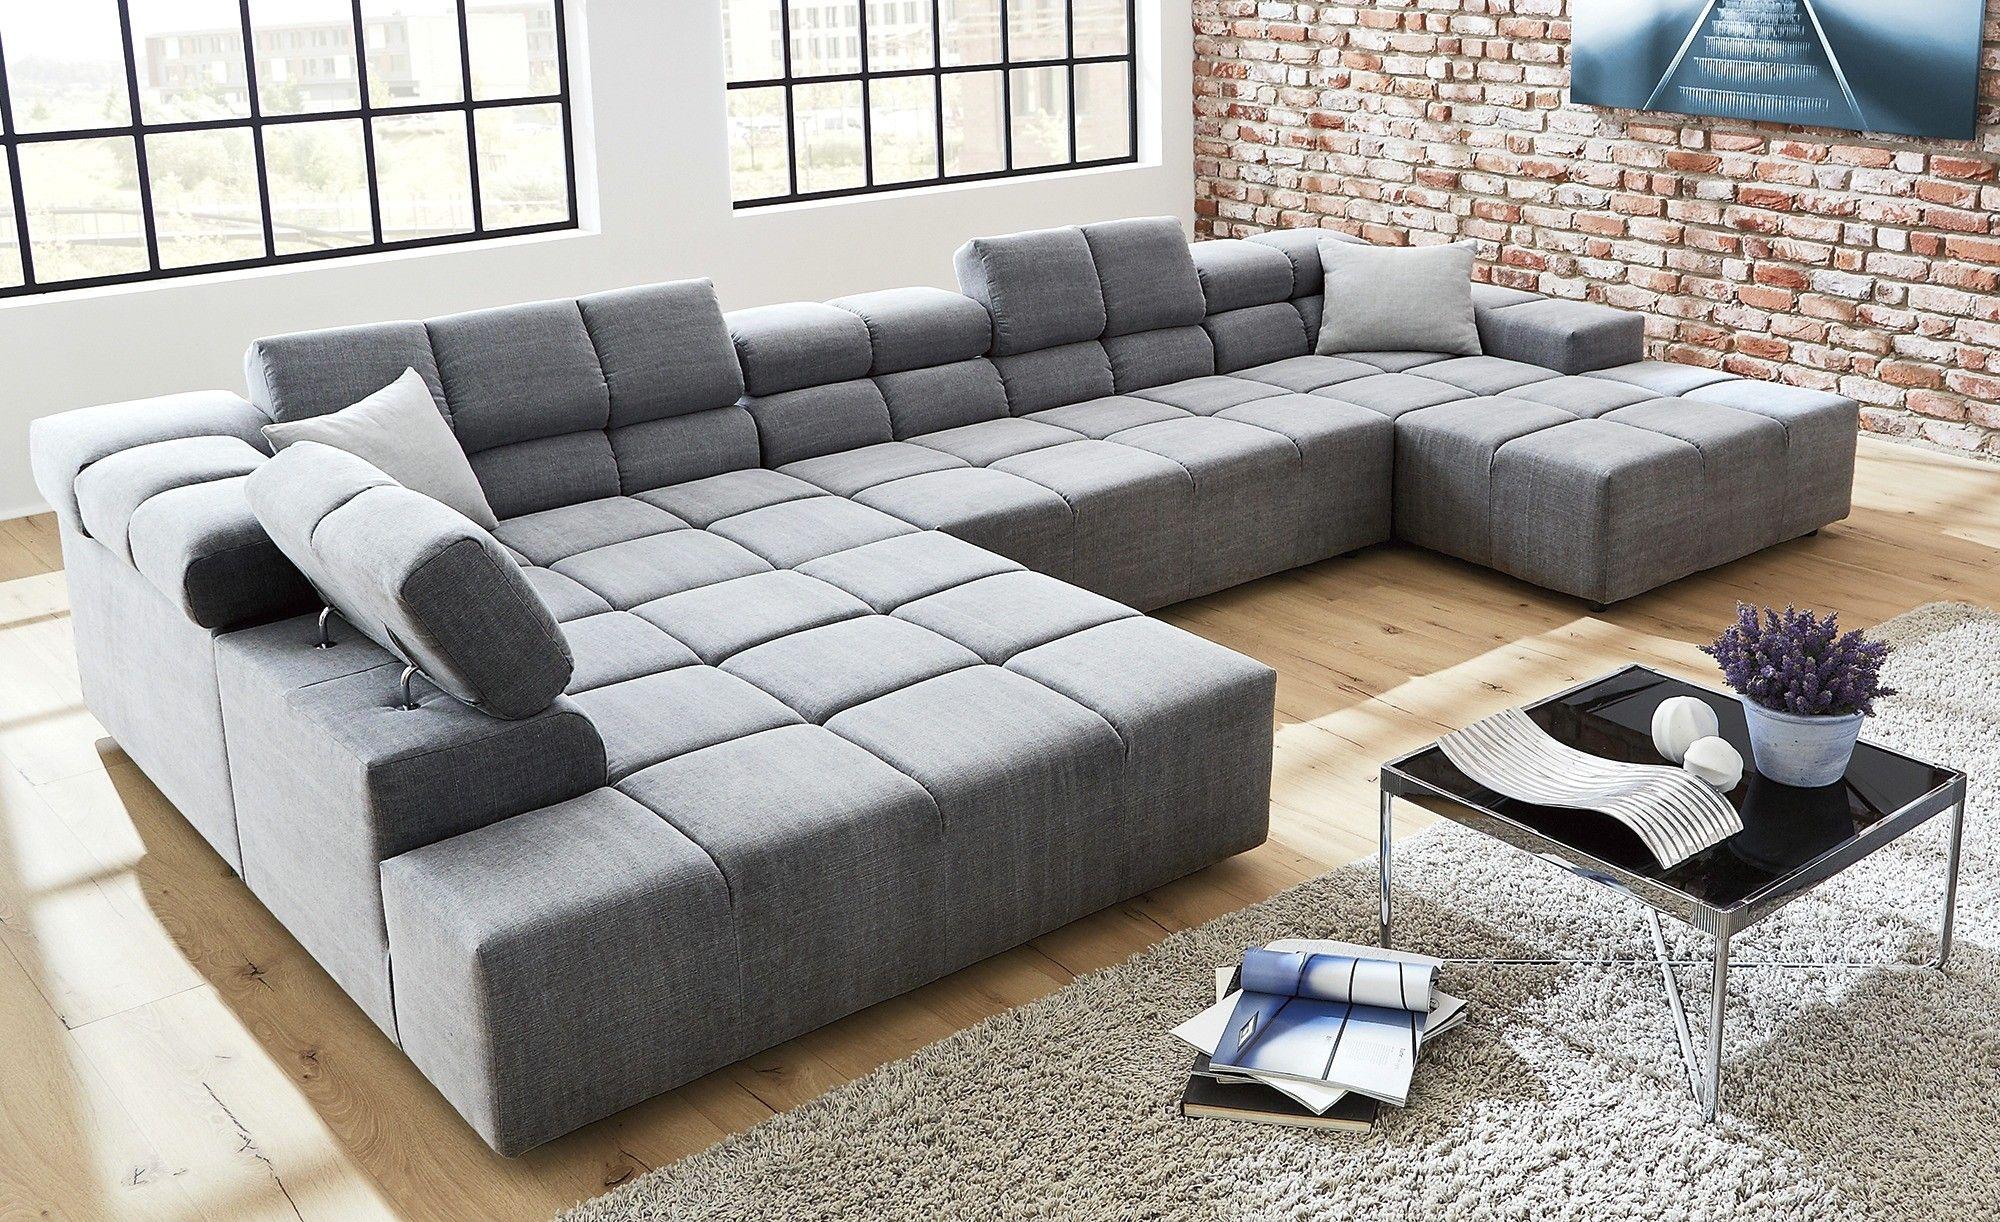 Wunderbar Wohnlandschaft Xxl U Form Big Sofa Full Size Furniture